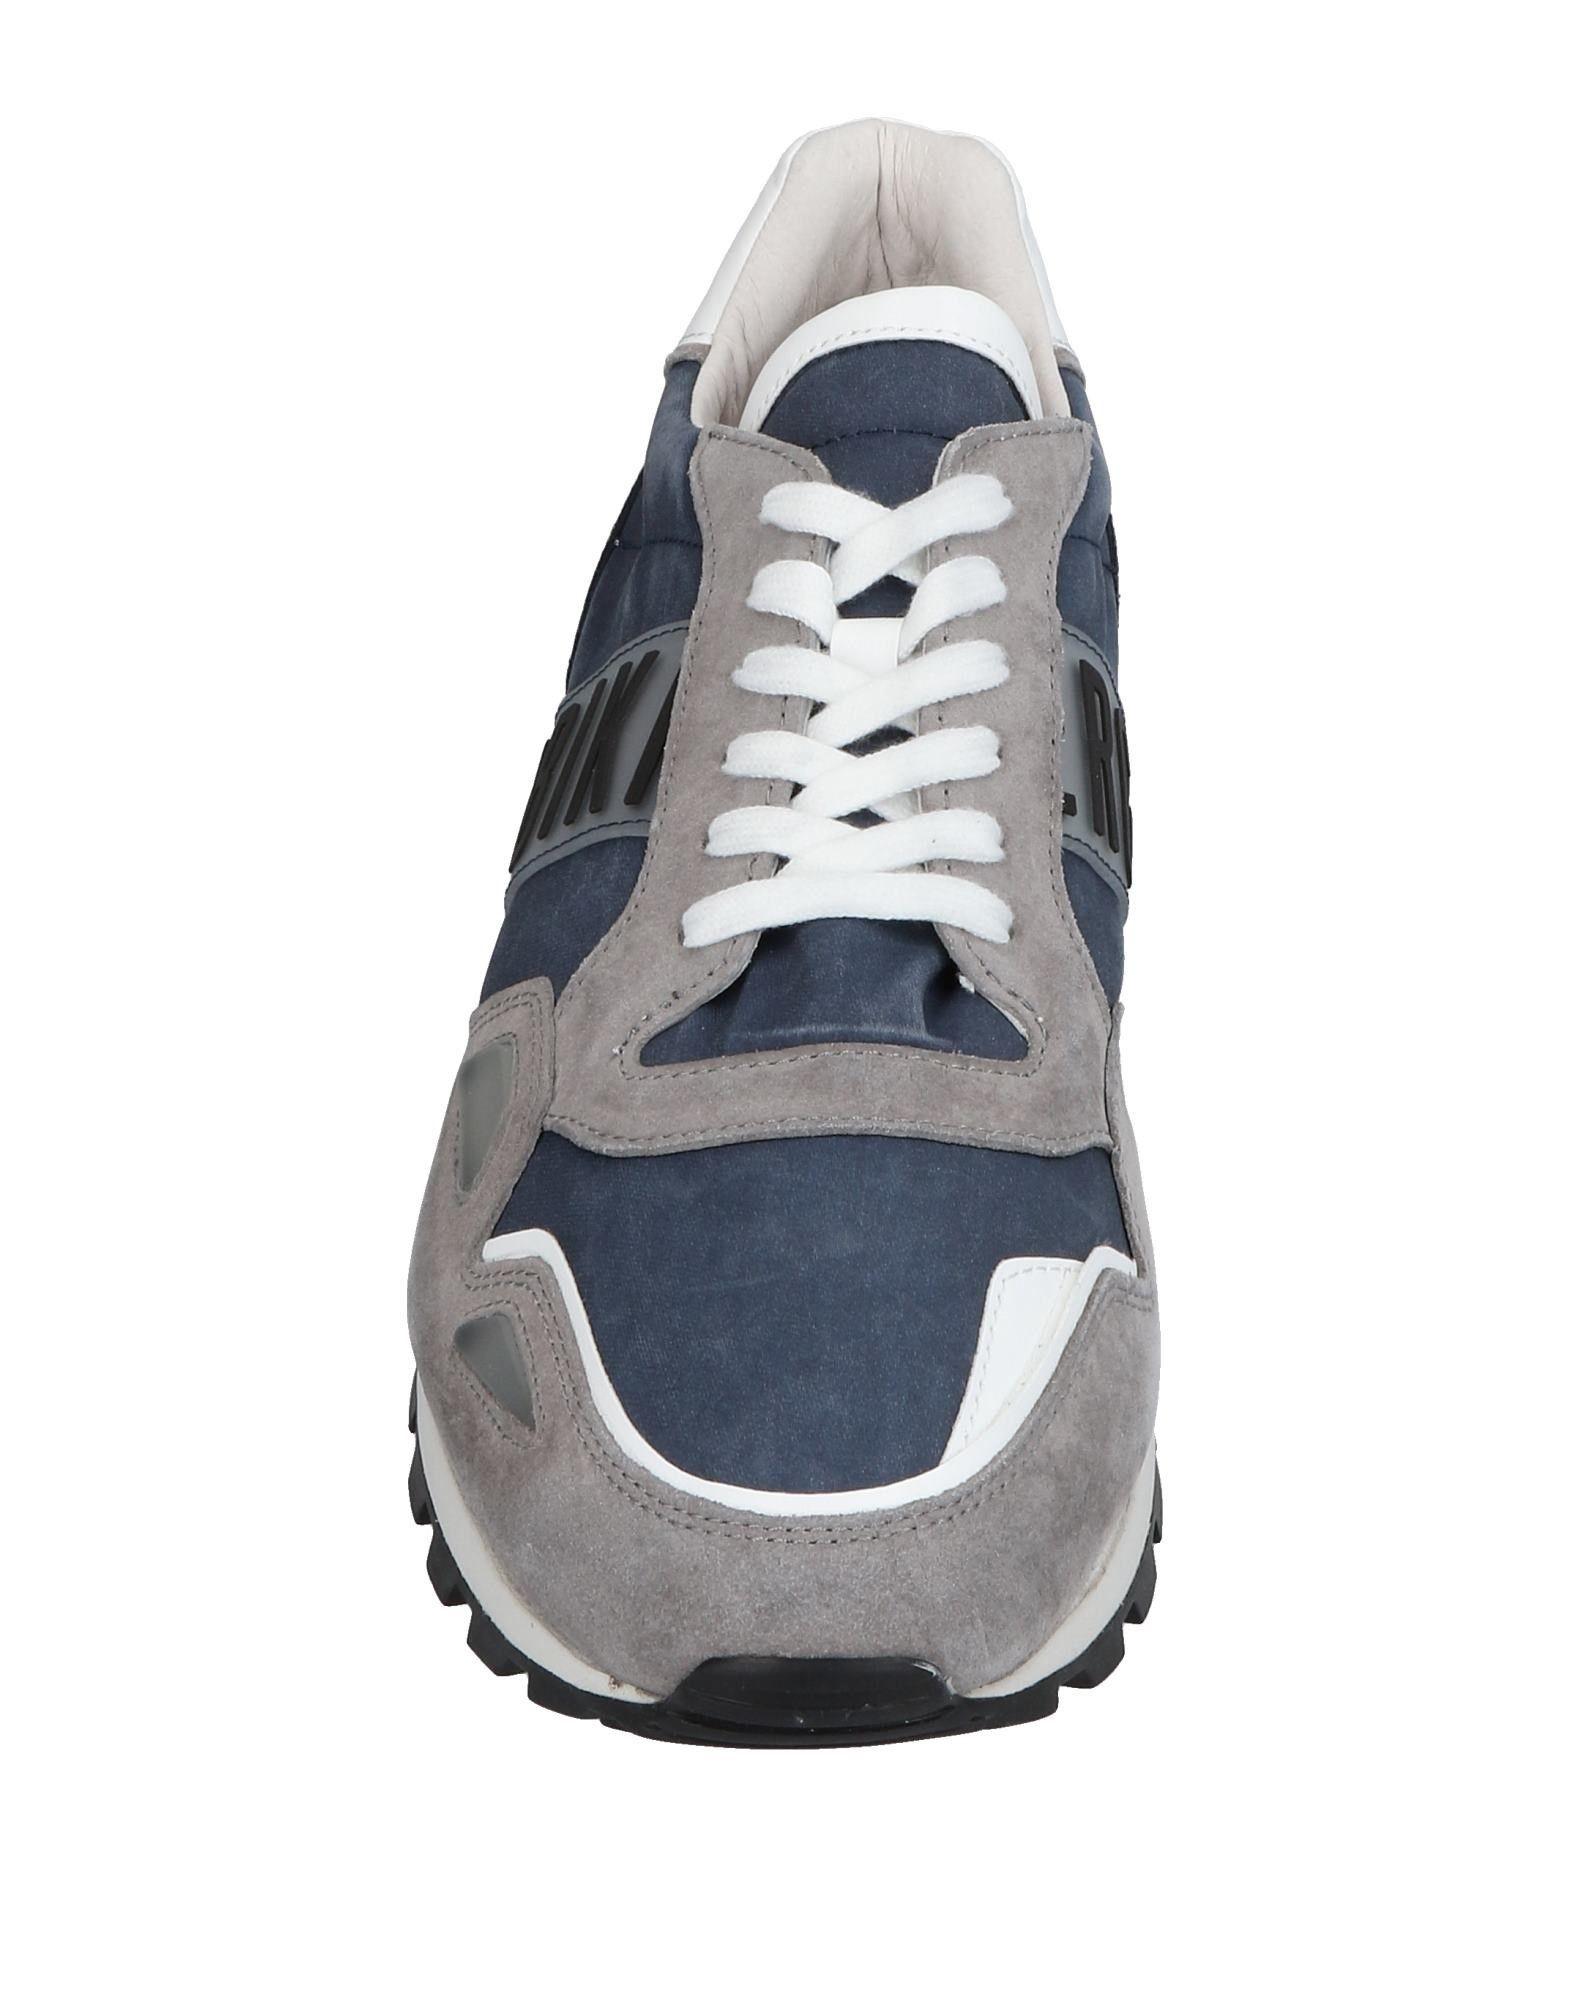 Bikkembergs Sneakers Qualität Herren  11417865IE Gute Qualität Sneakers beliebte Schuhe 6bfe70